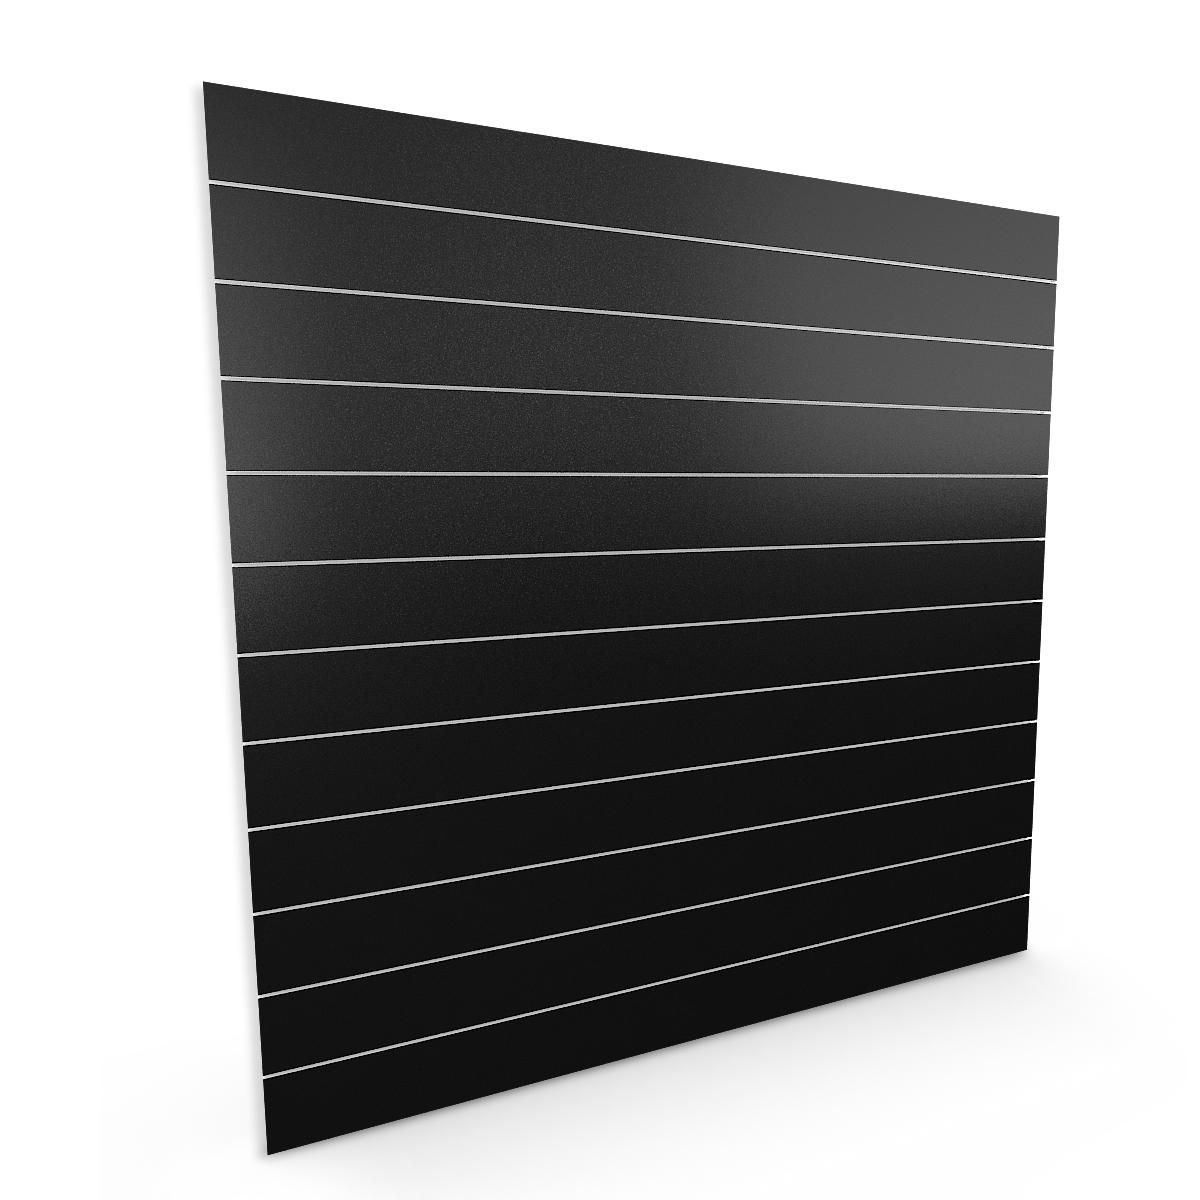 Spacewall Lamellenwand Slatwall schwarz